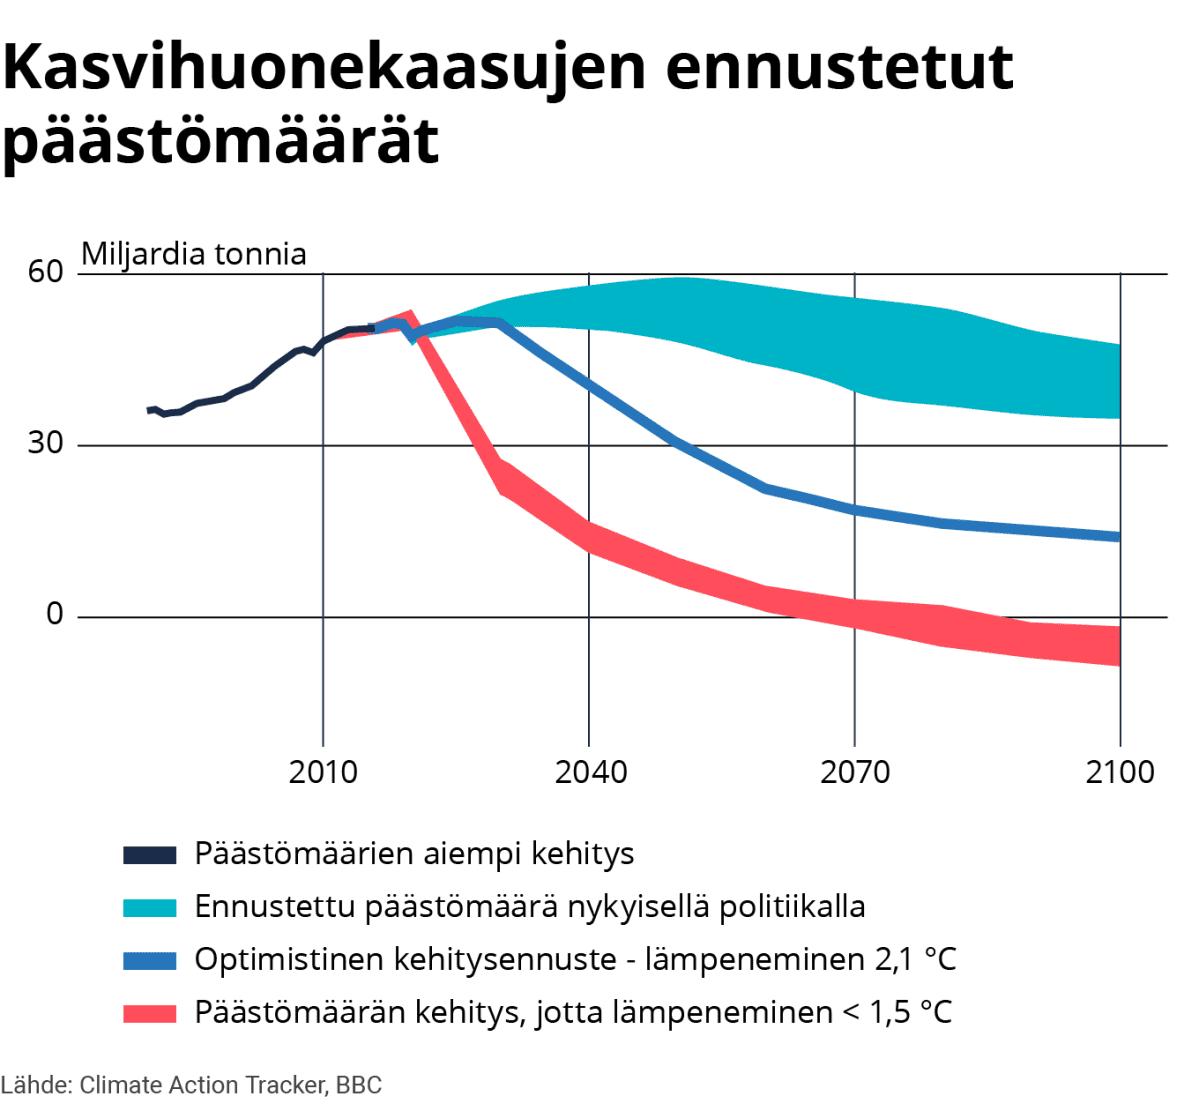 Infografiikka kasvihuonekassujen ennustetuista päästömääristä.